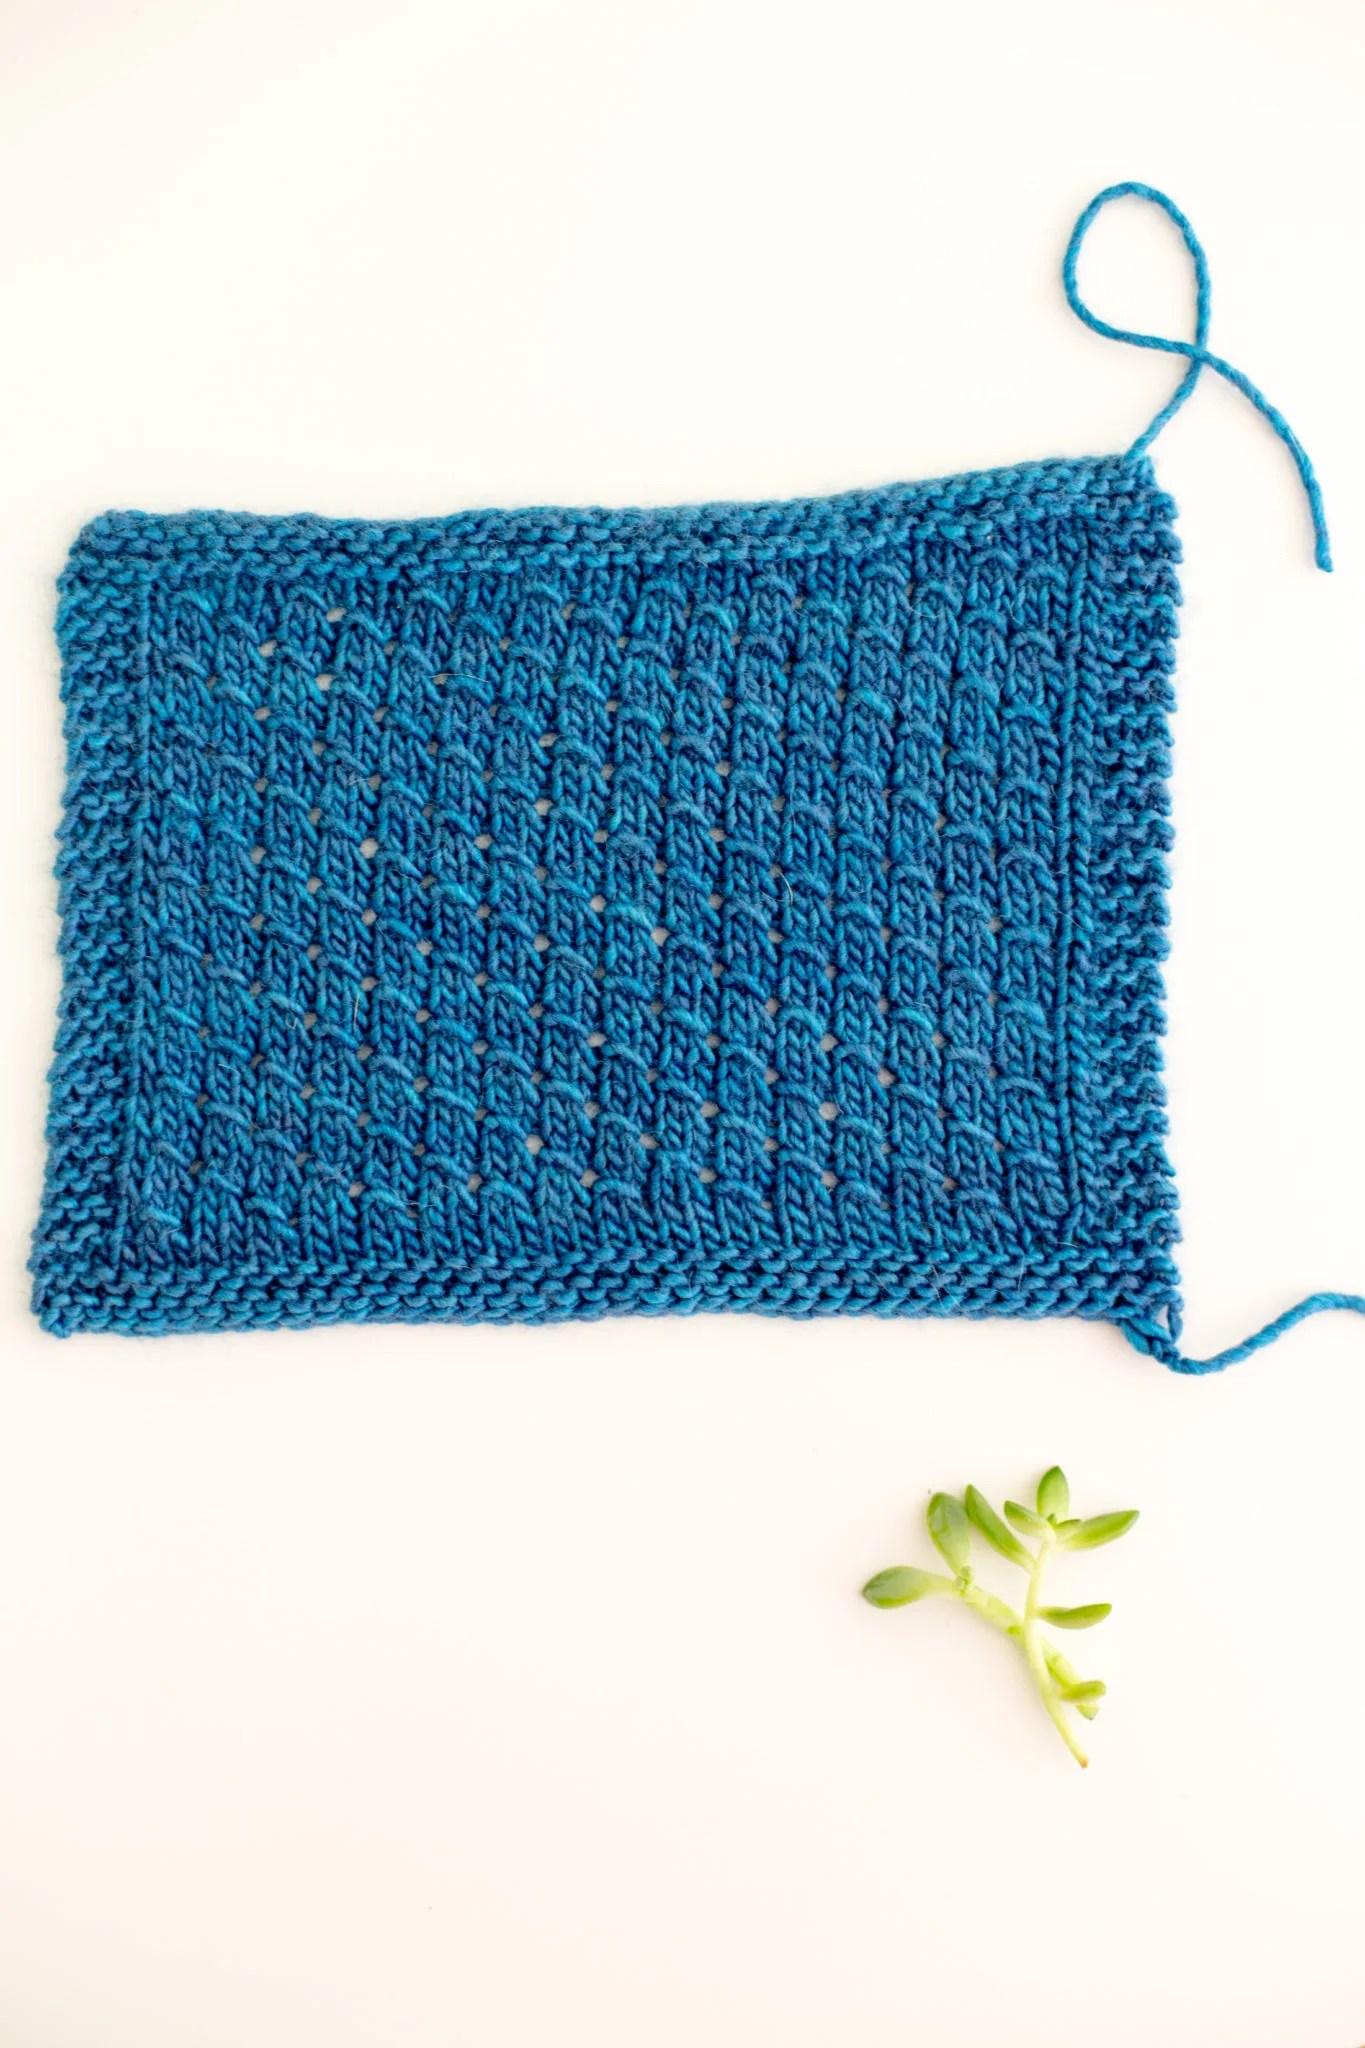 Knitting Stitch How To Lacy Diagonal Scallop Stitch Flax Twine